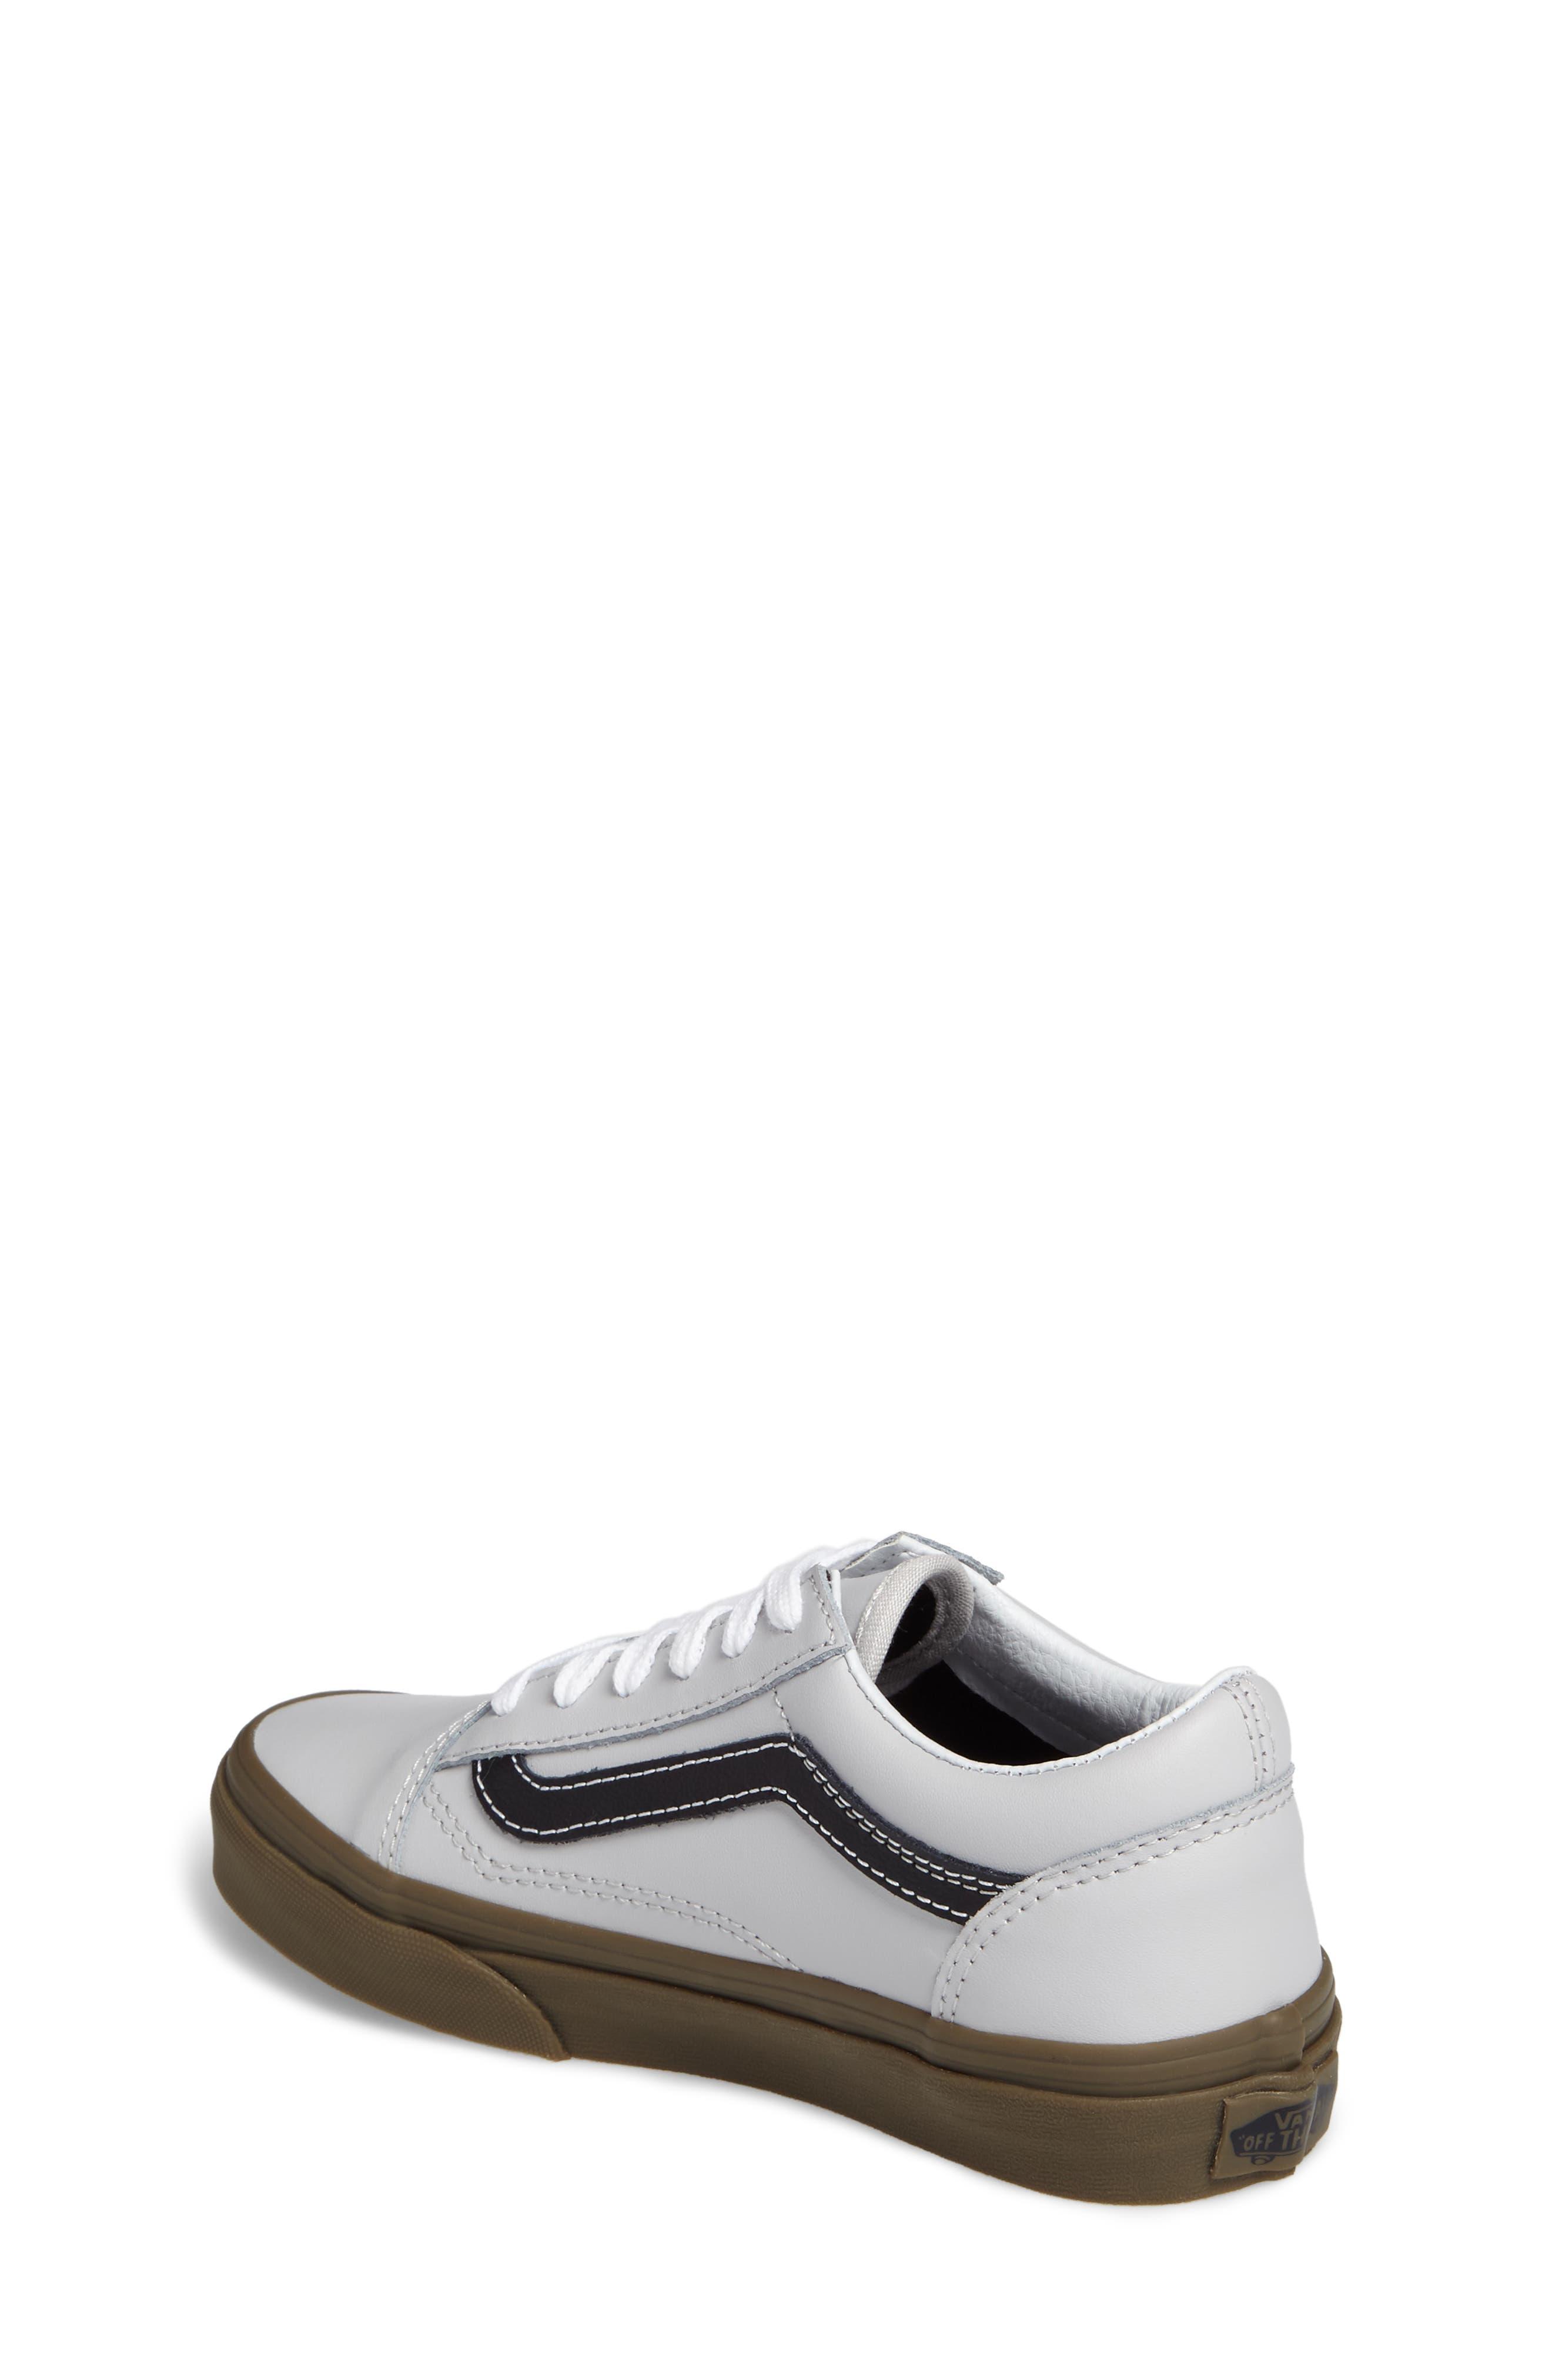 Old Skool Sneaker,                             Alternate thumbnail 2, color,                             Bleacher Gray/ Black/ Gum